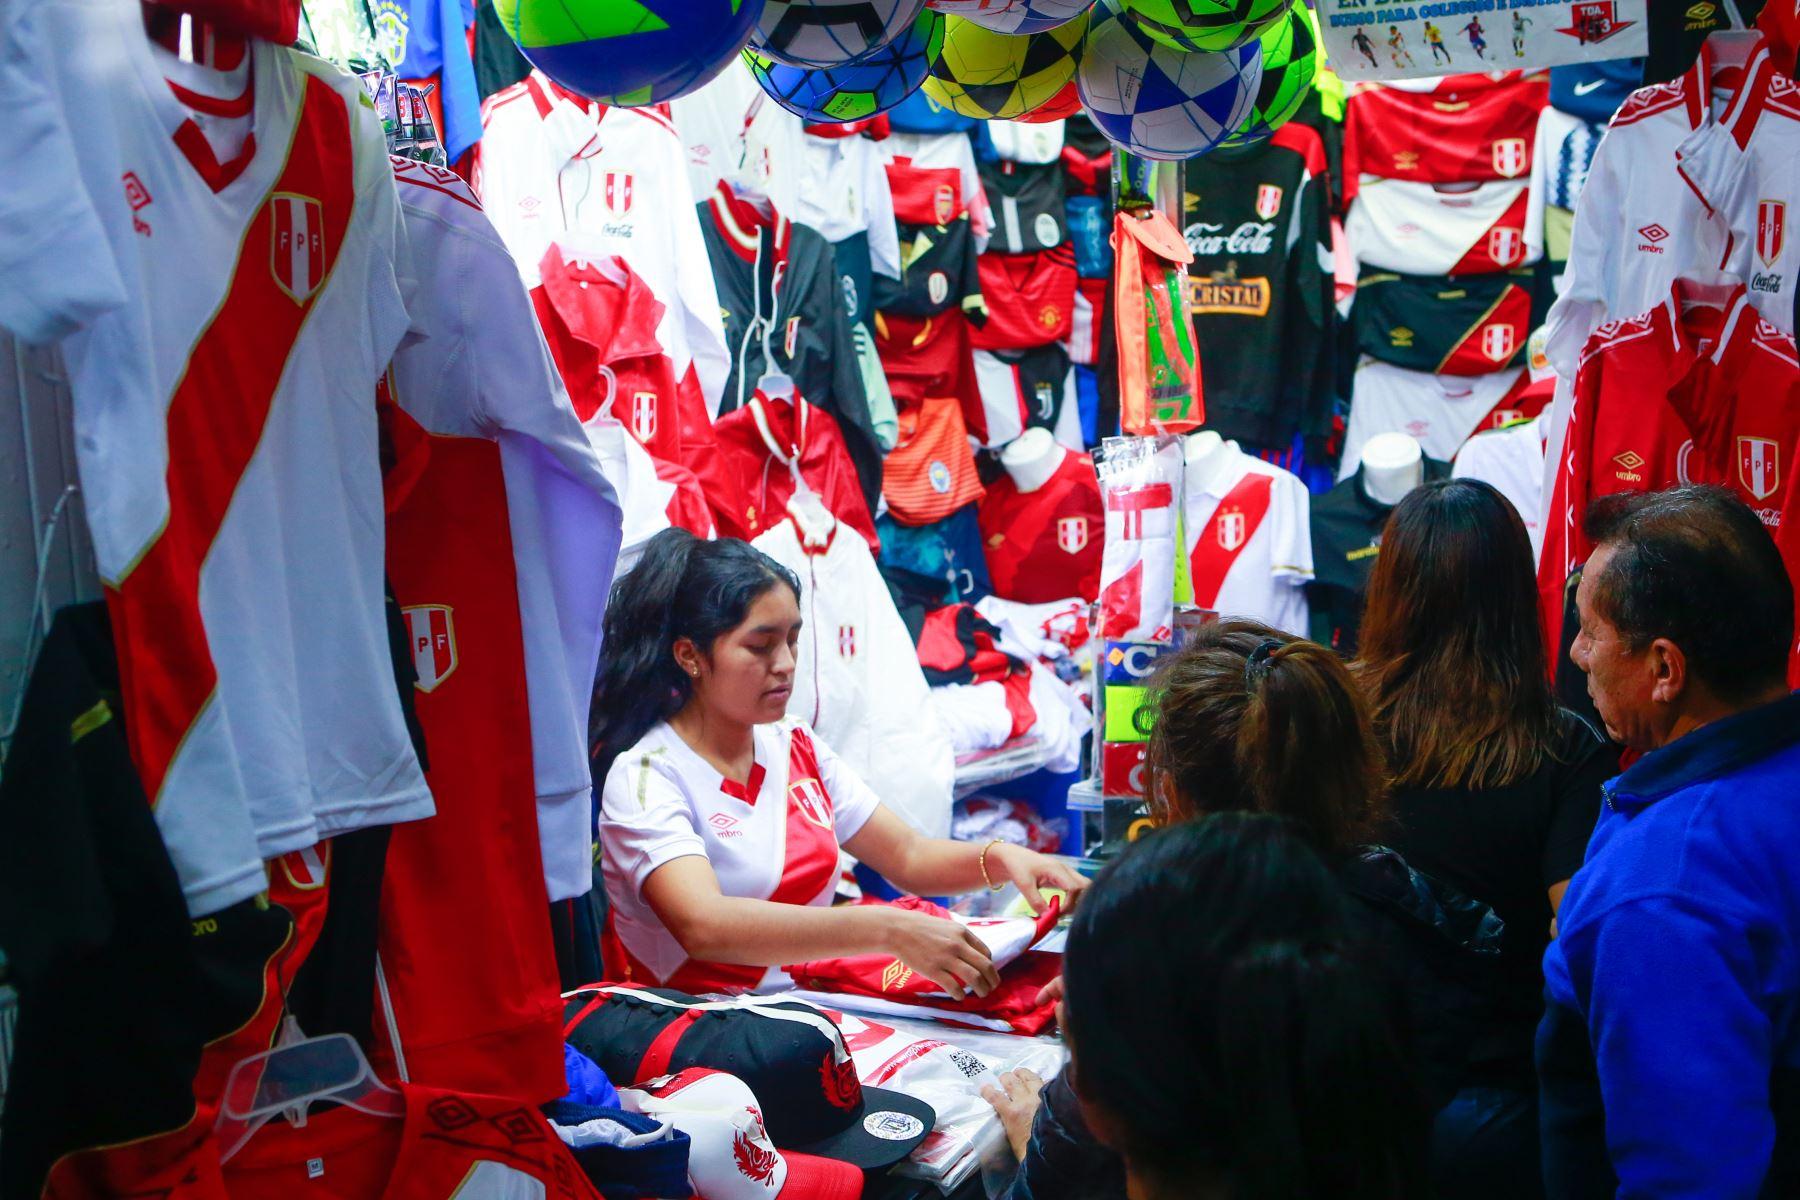 Fiestas Patrias: 9 Tips para vender más